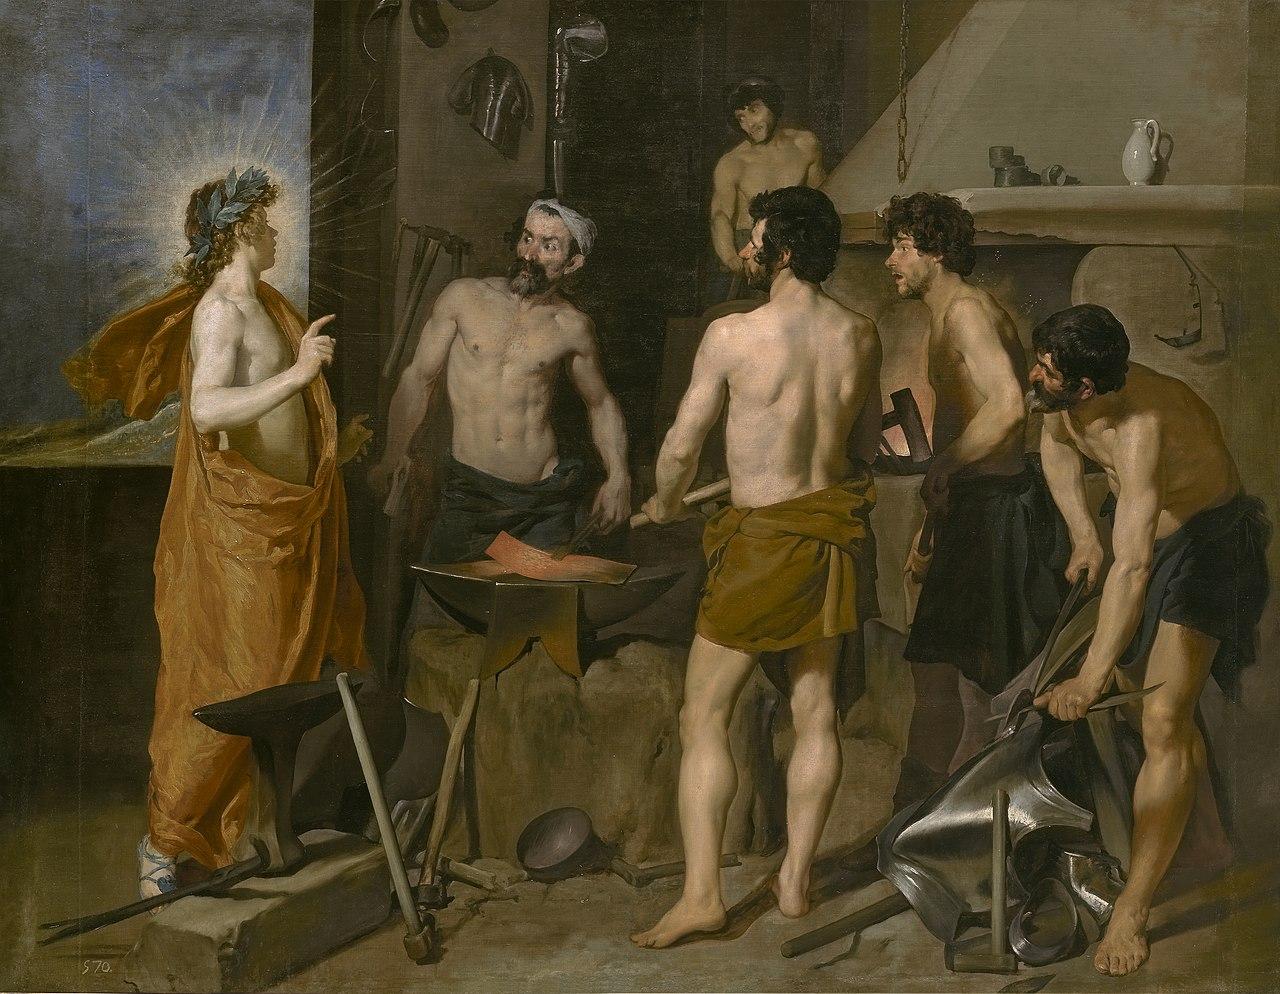 Pintura de historia la fragua de vulcano